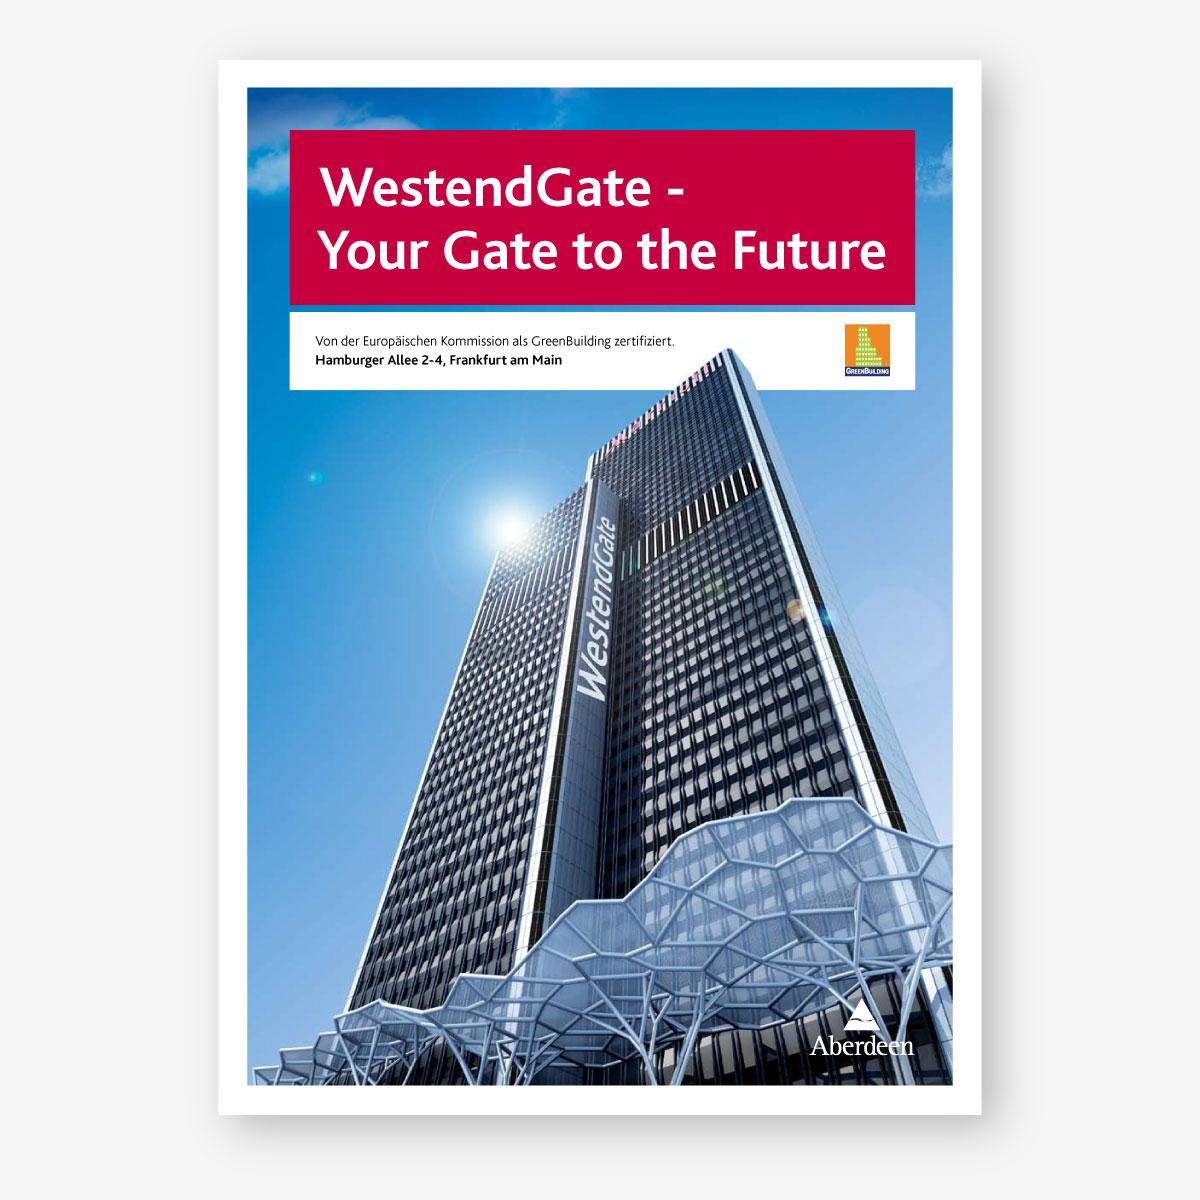 Abeerdeen: Vermarktungsbroschüre für Immobilie WestendGate – Titelseite